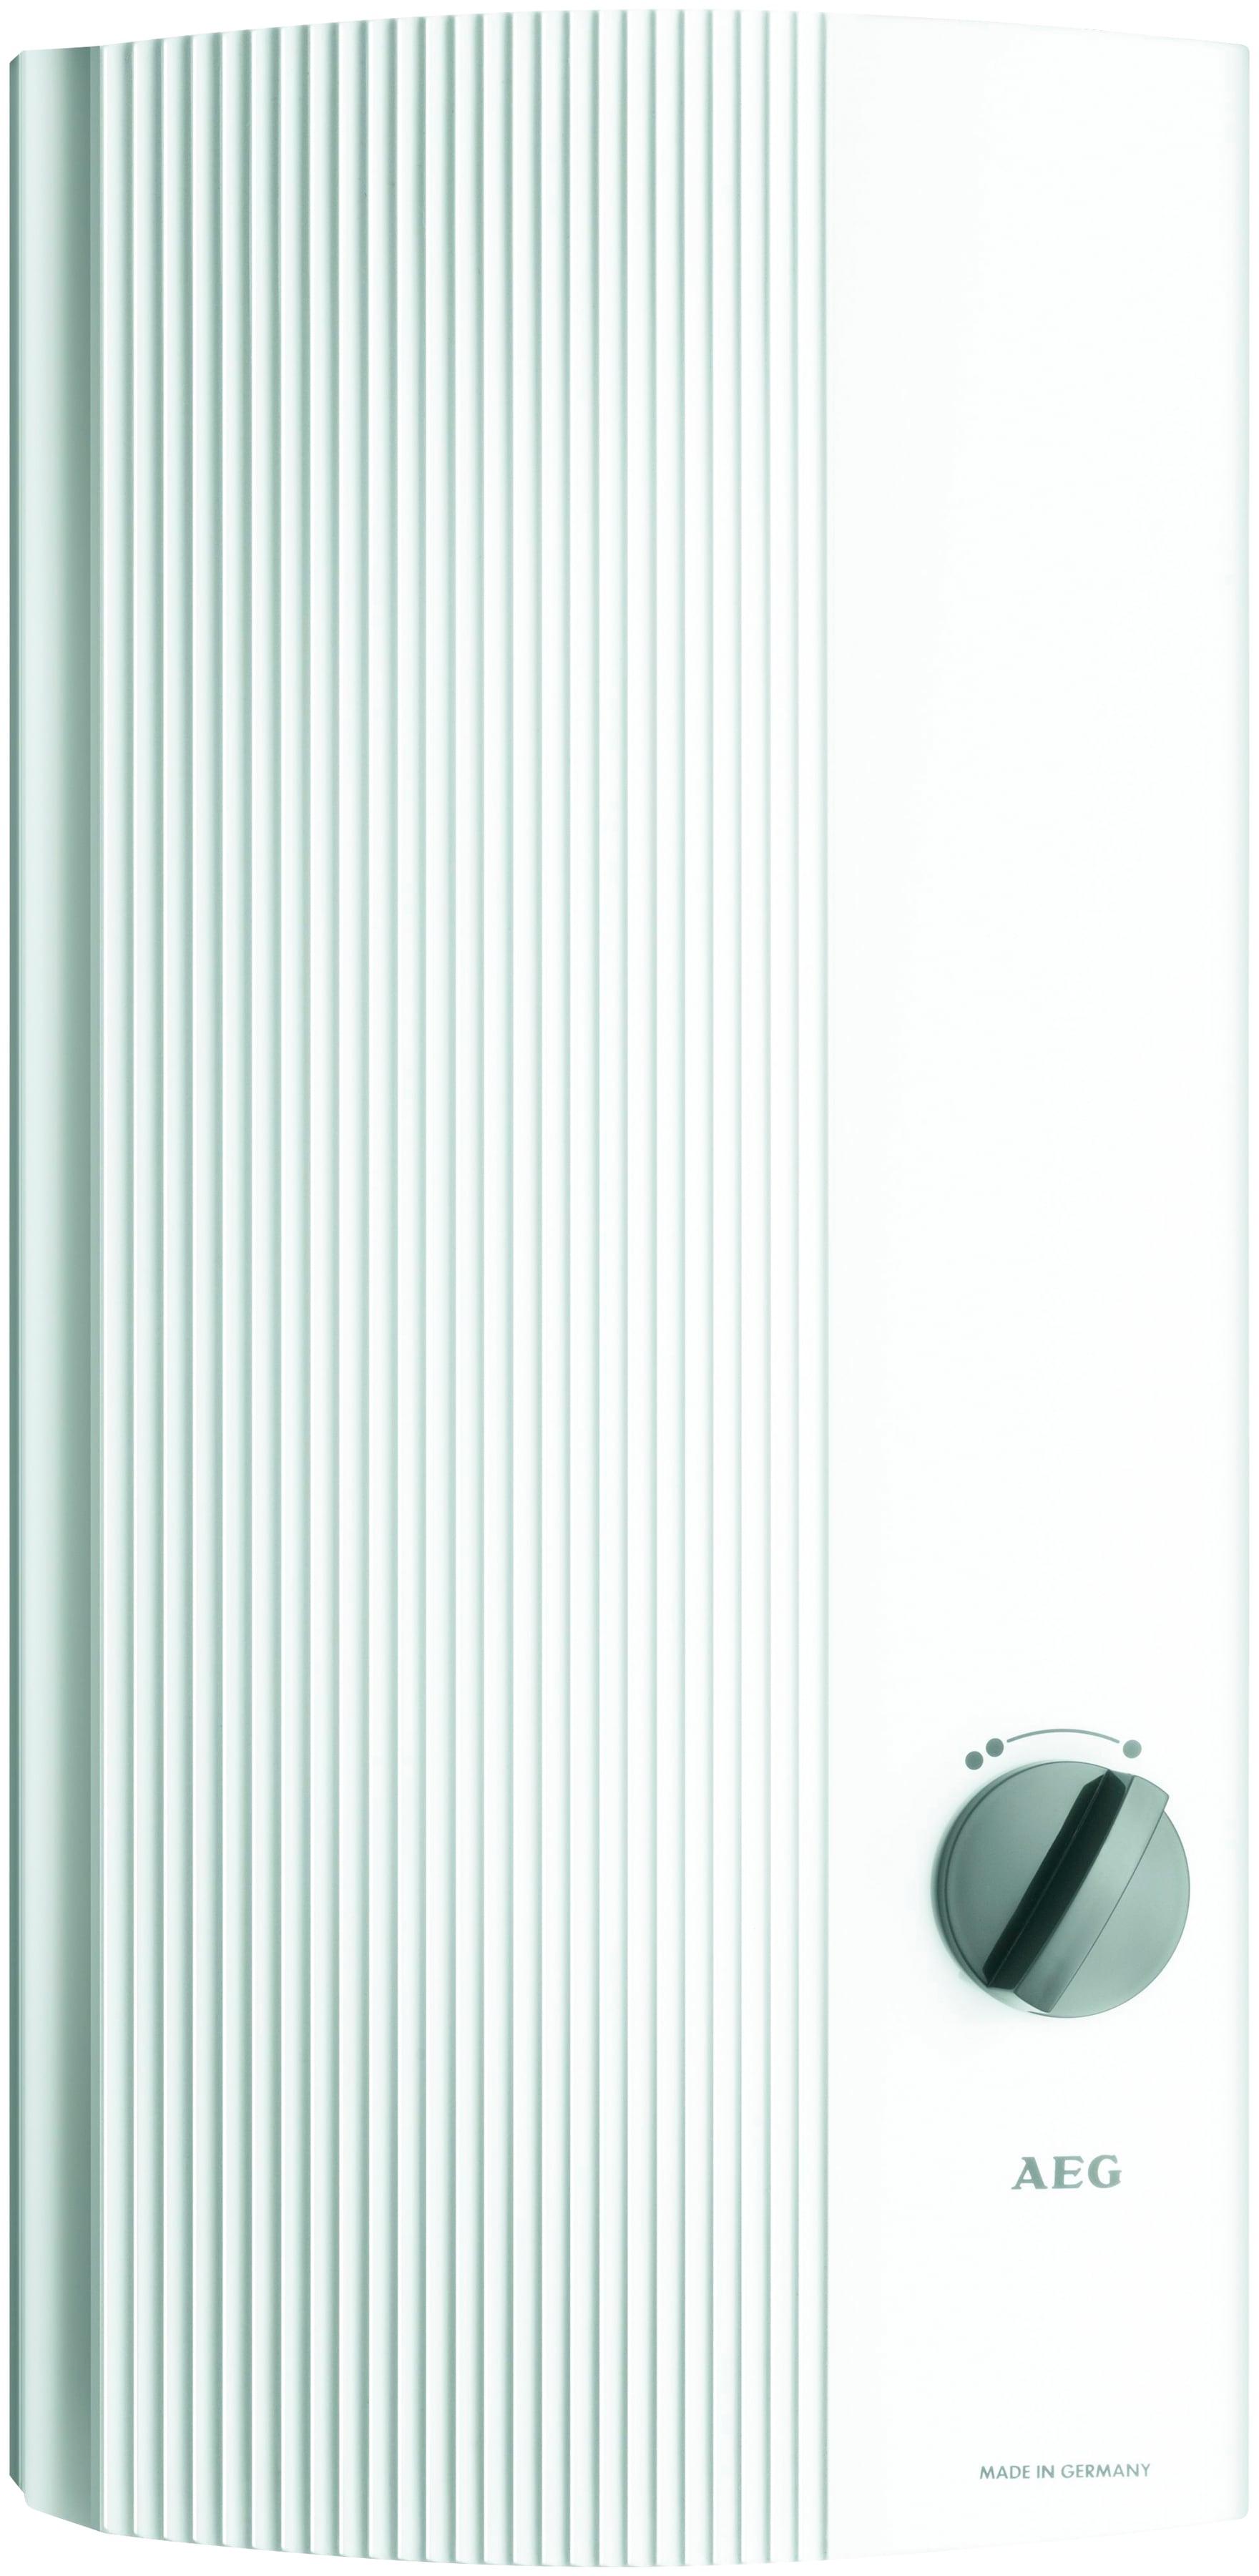 AEG Durchlauferhitzer »DDLT PinControl 21« | Baumarkt > Heizung und Klima > Durchlauferhitzer | Weiß | AEG